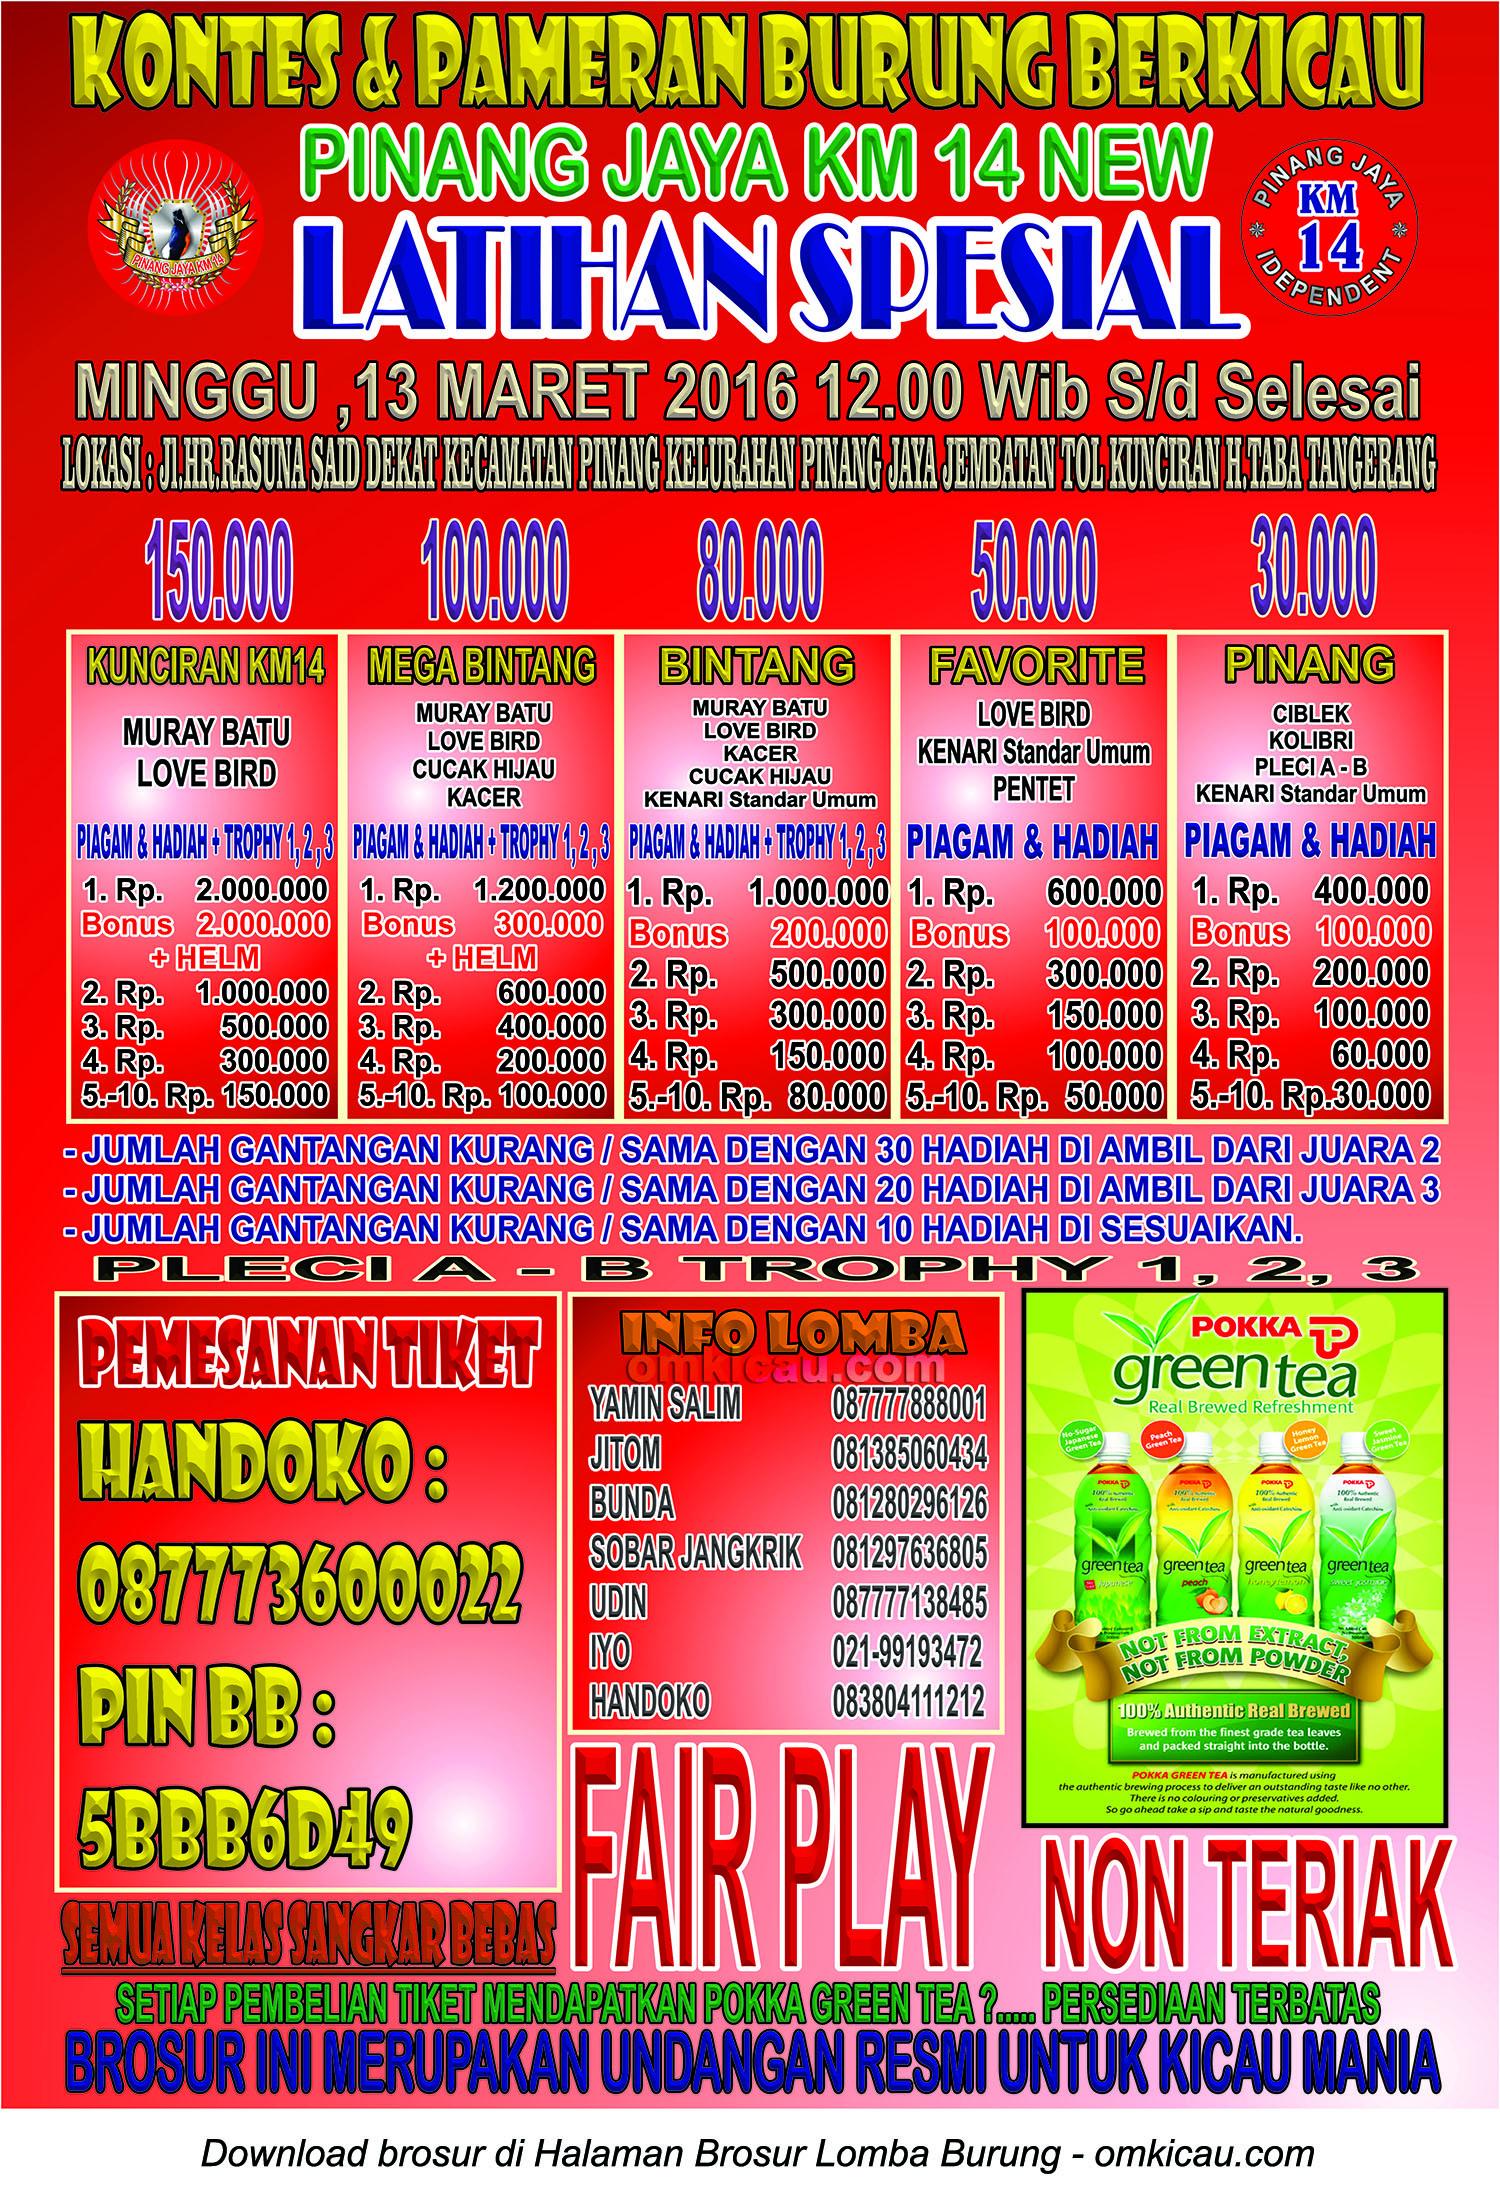 Brosur Latihan Spesial Pinang Jaya Km 14 New, Tangerang, 13 Maret 2016